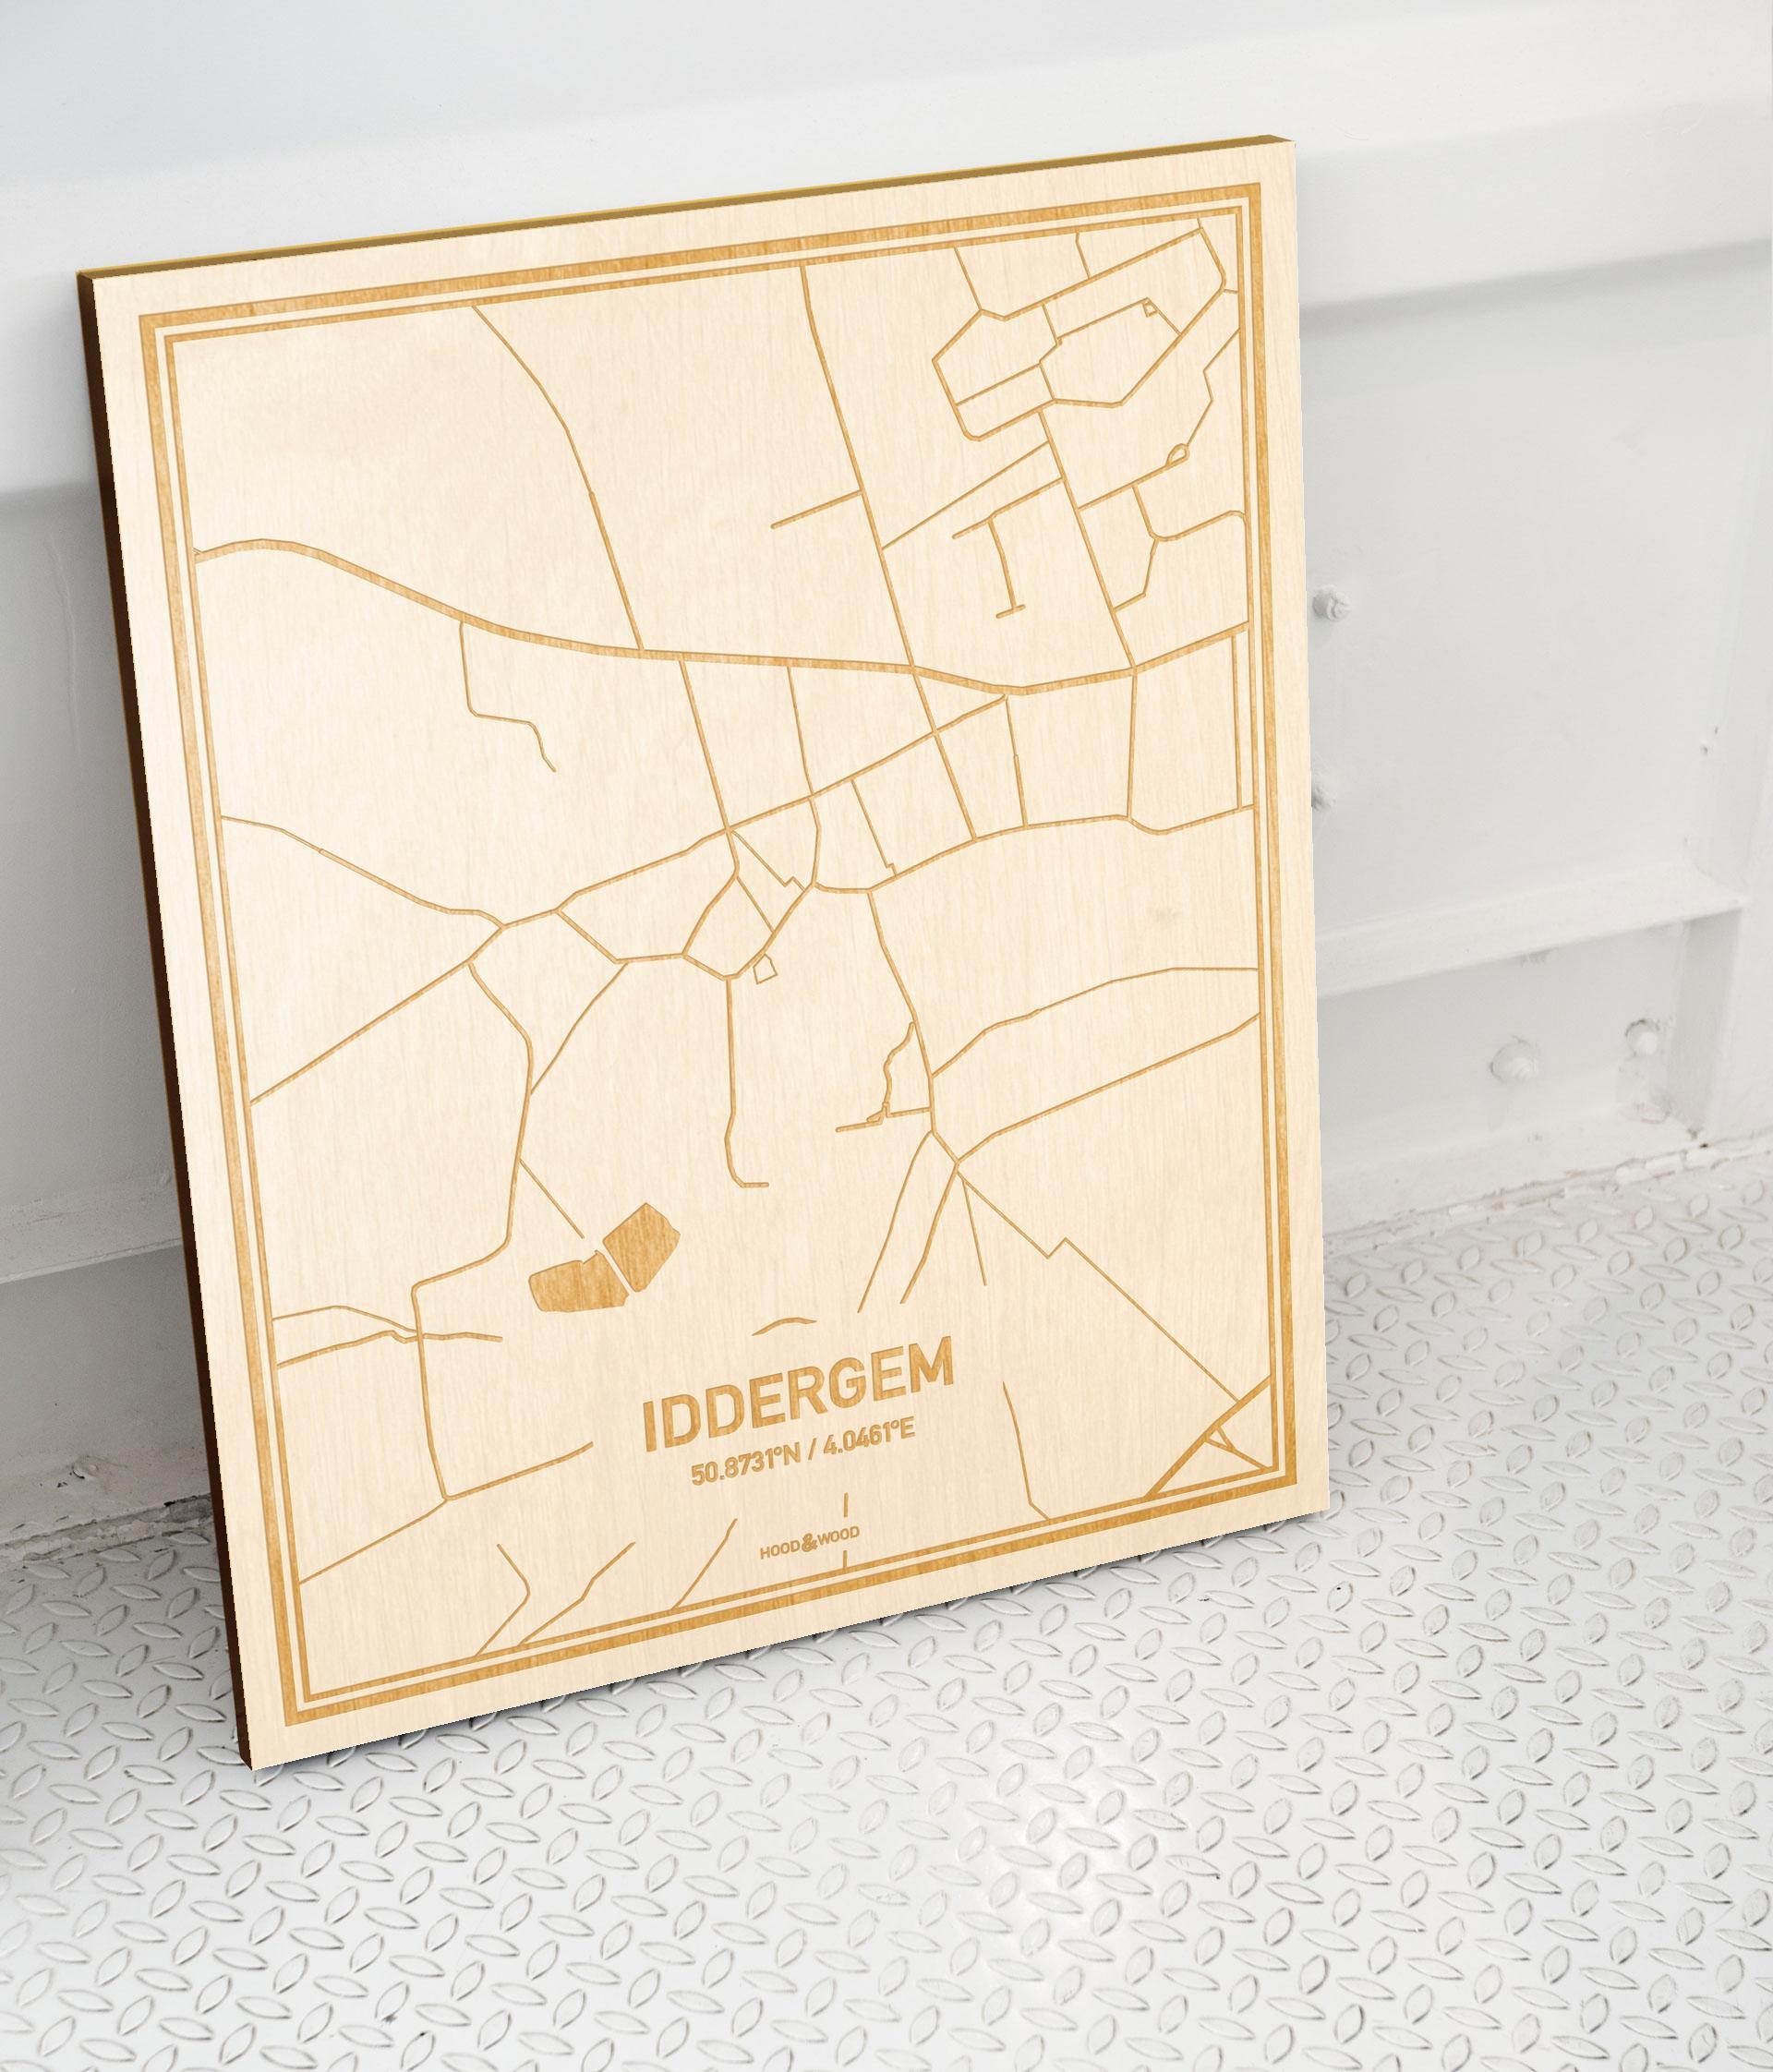 Plattegrond Iddergem als prachtige houten wanddecoratie. Het warme hout contrasteert mooi met de witte muur.